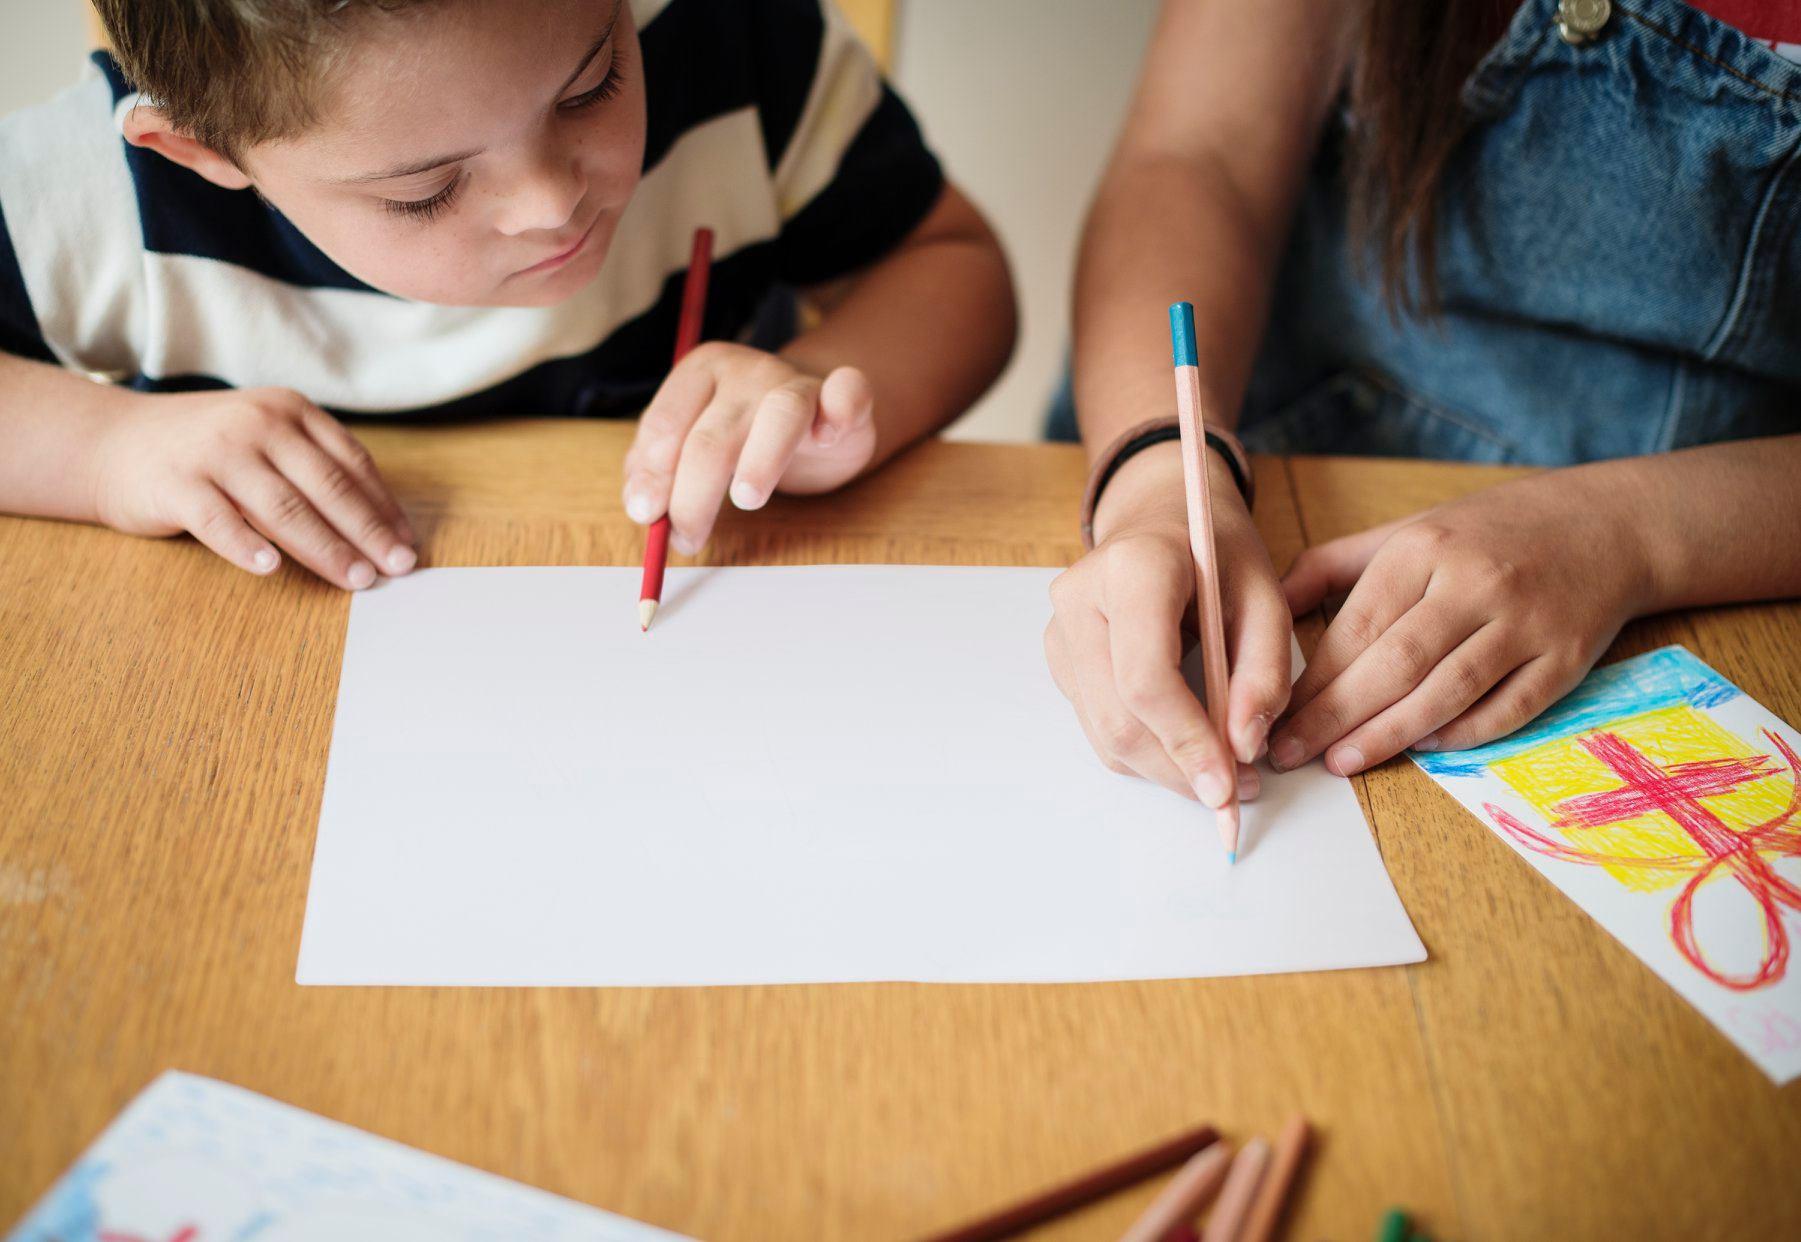 פרק 24: אם הנכם הורים לילד הסובל מבעיית התנהגות קשה, ייתכן ותהיו זכאים לקצבת ילד נכה